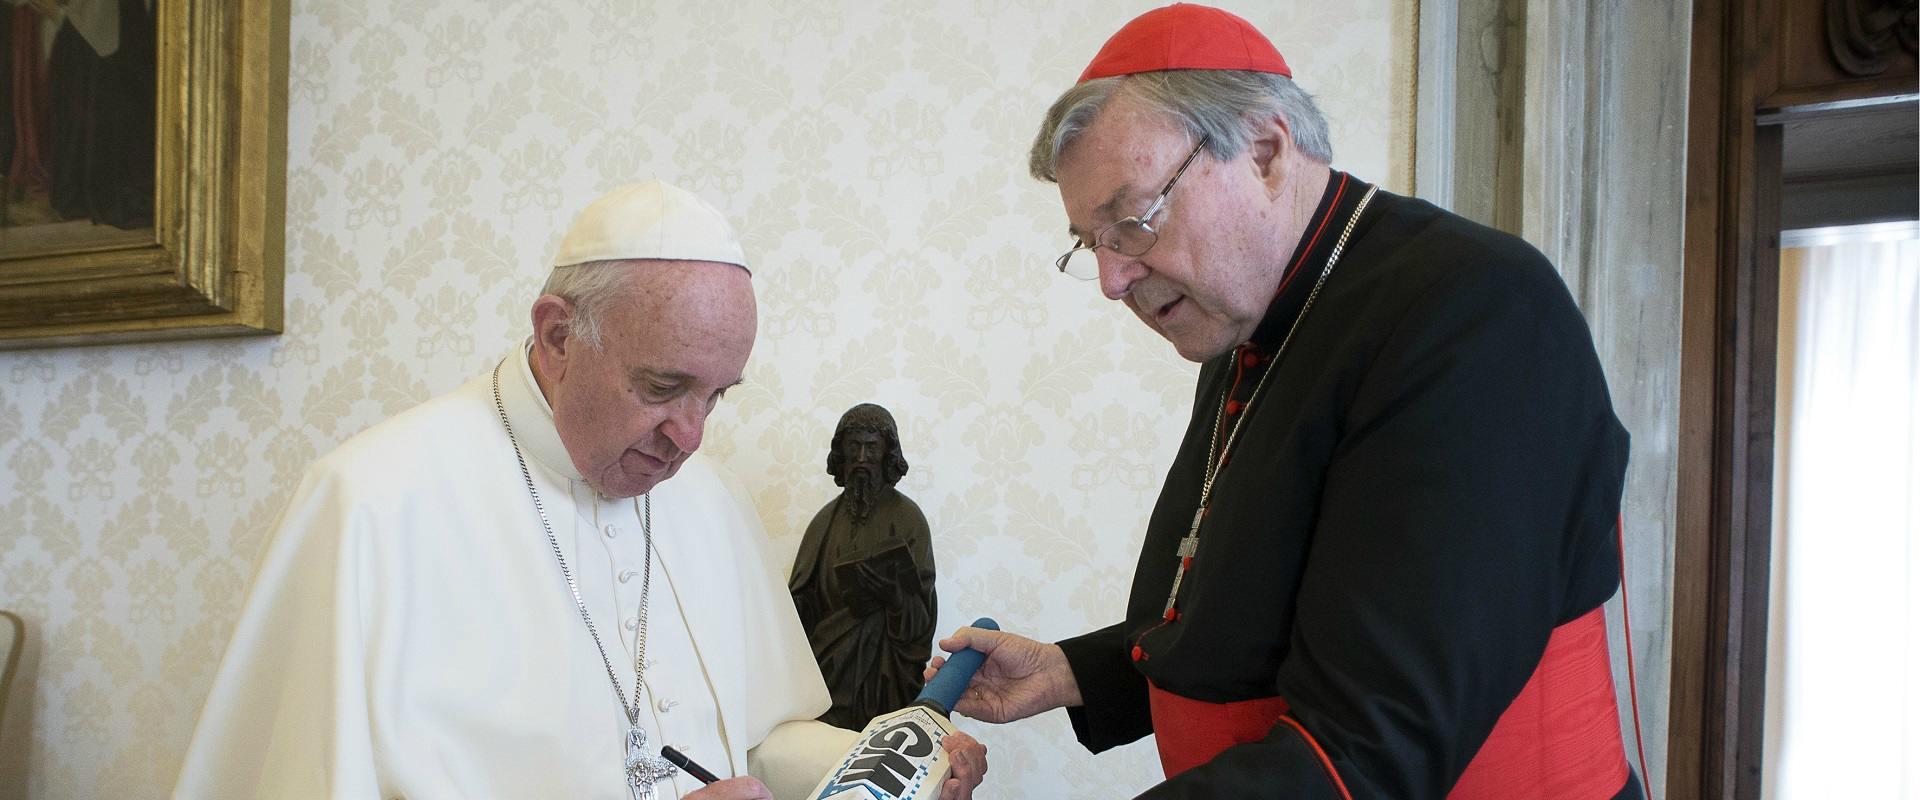 הקרדינל פל והאפיפיור